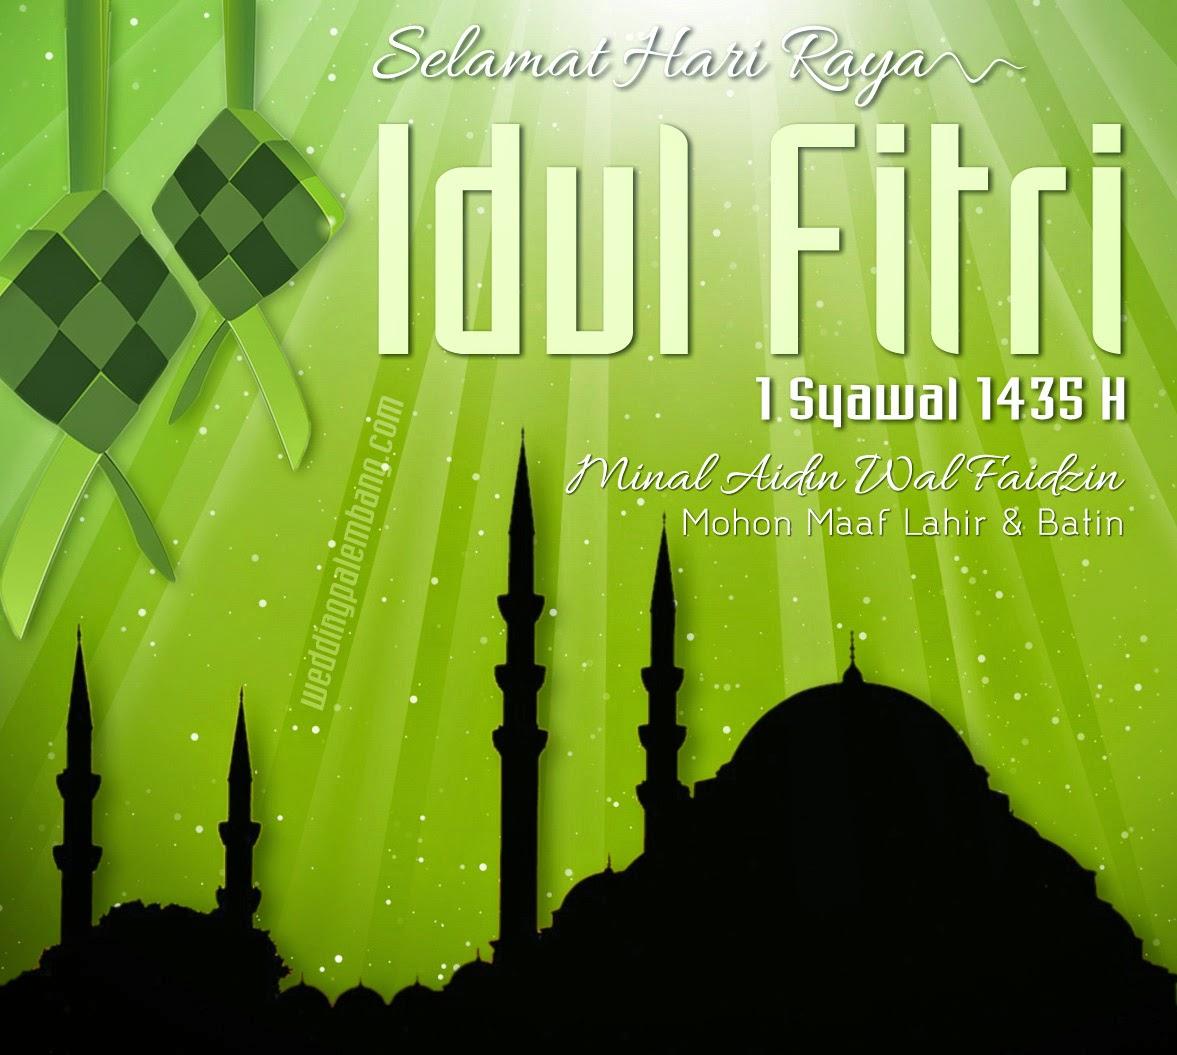 Gambar Terkait Untuk Idul Fitri Ucapan Selamat Hari Raya Ketupat Lebaran Wallpaper Gallery